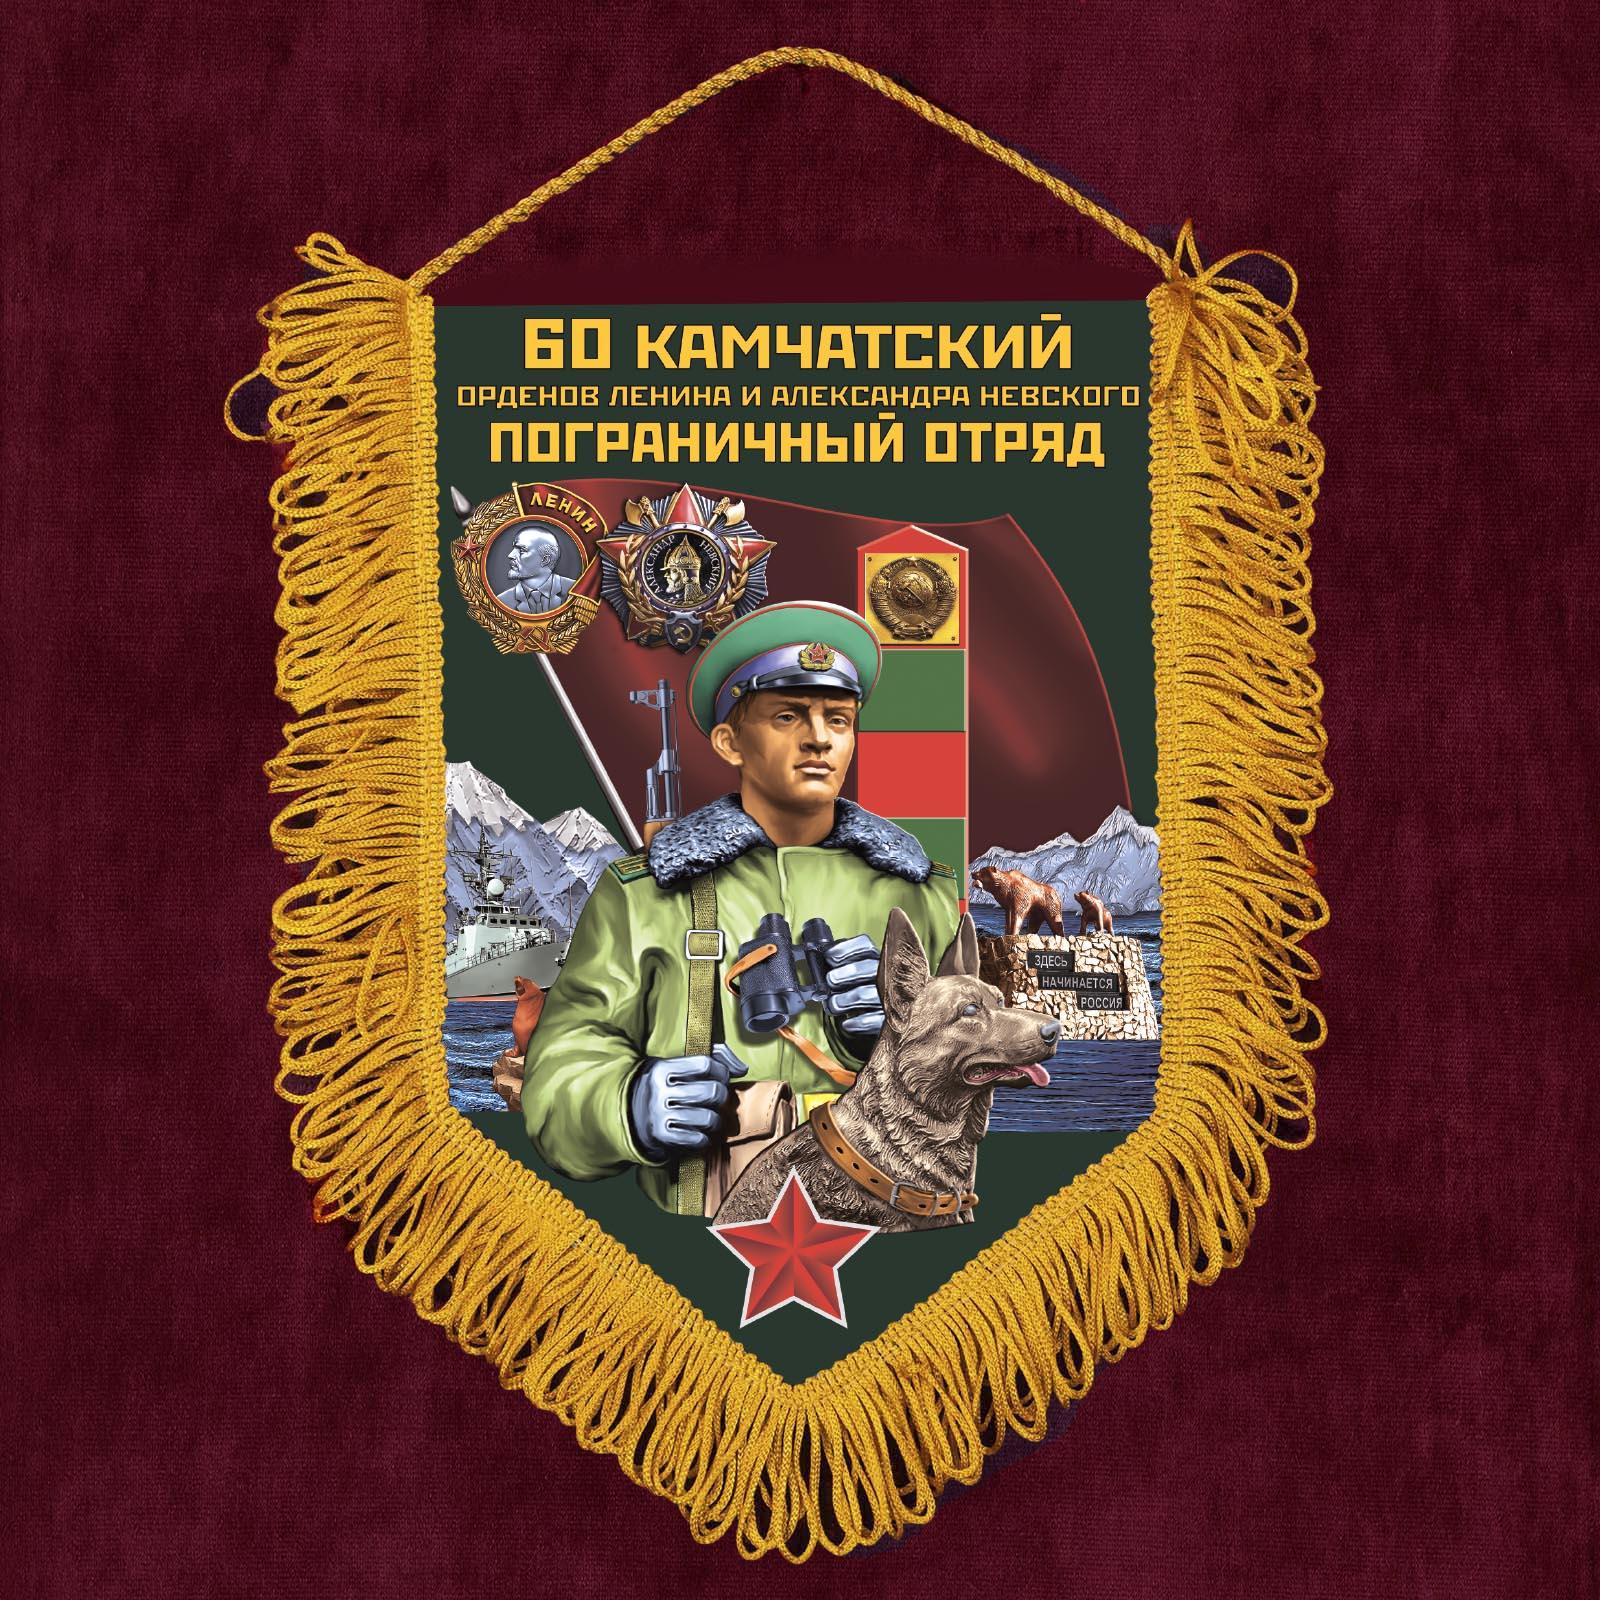 """Памятный вымпел """"60 Камчатский пограничный отряд"""""""